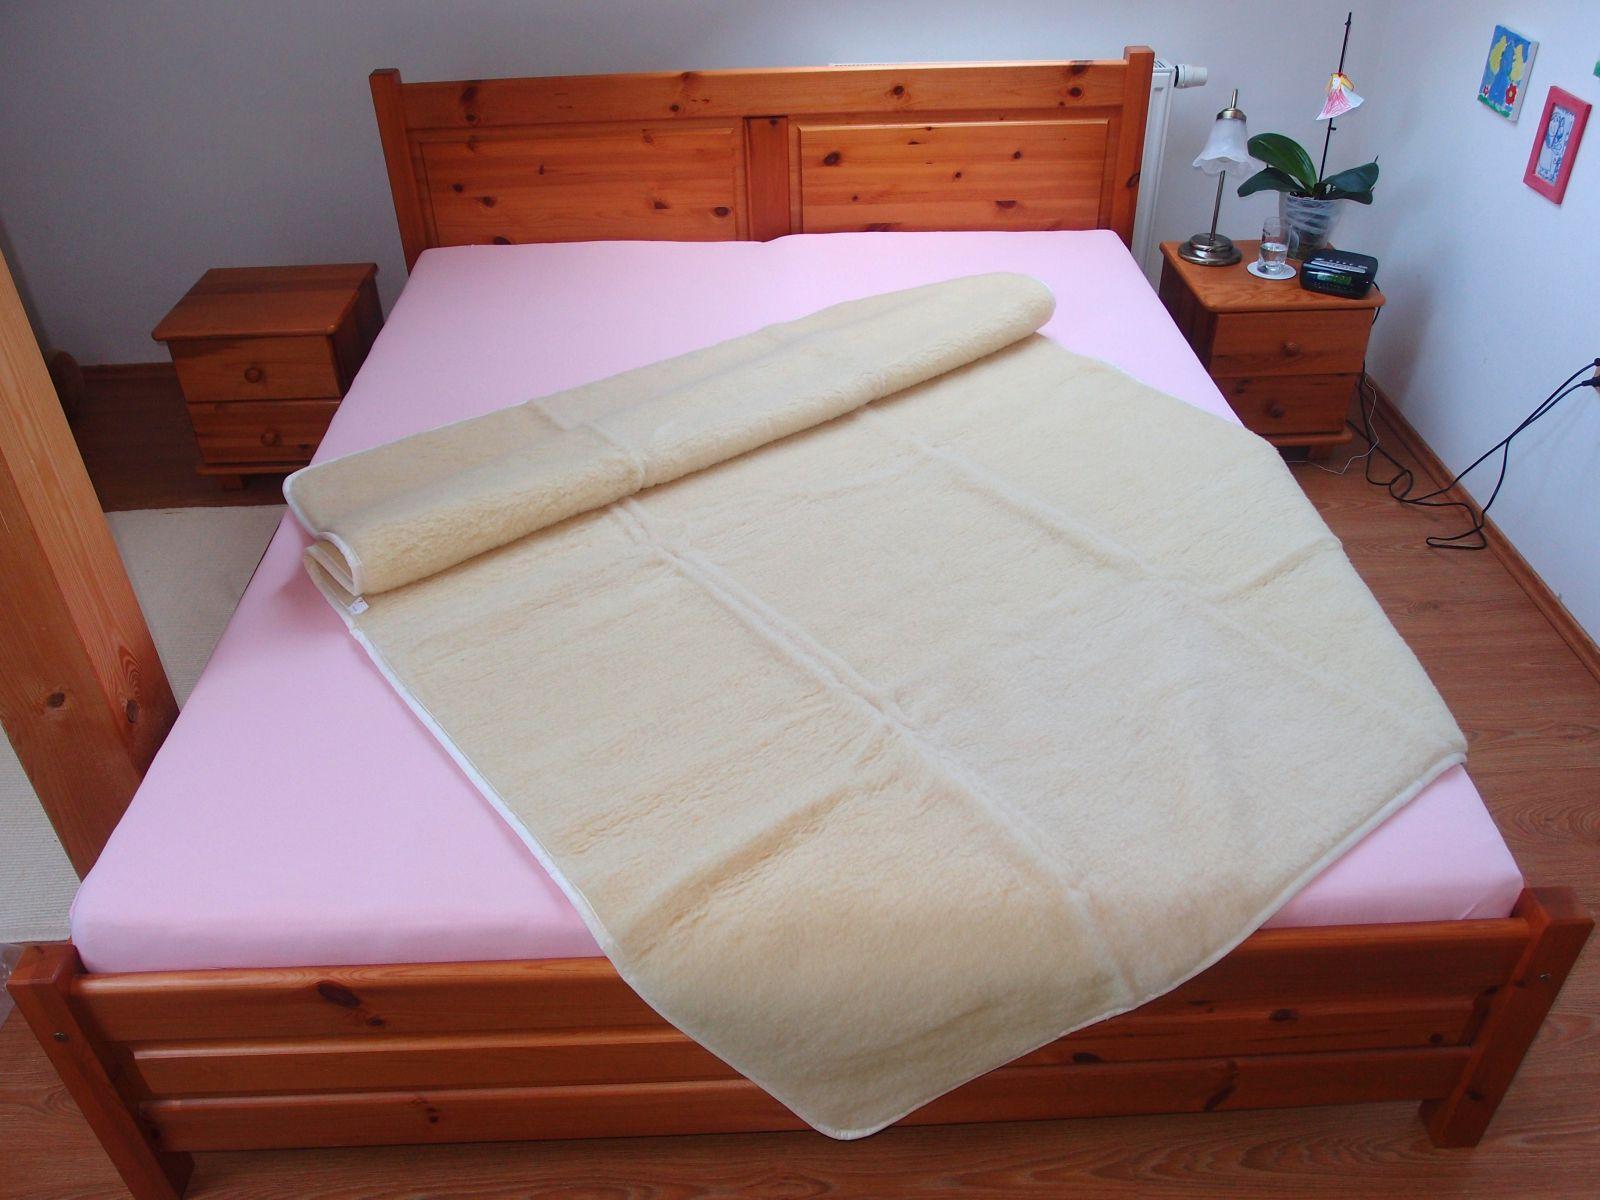 Vlněná deka 150 x 200 cm bílá - vlněný včes merino